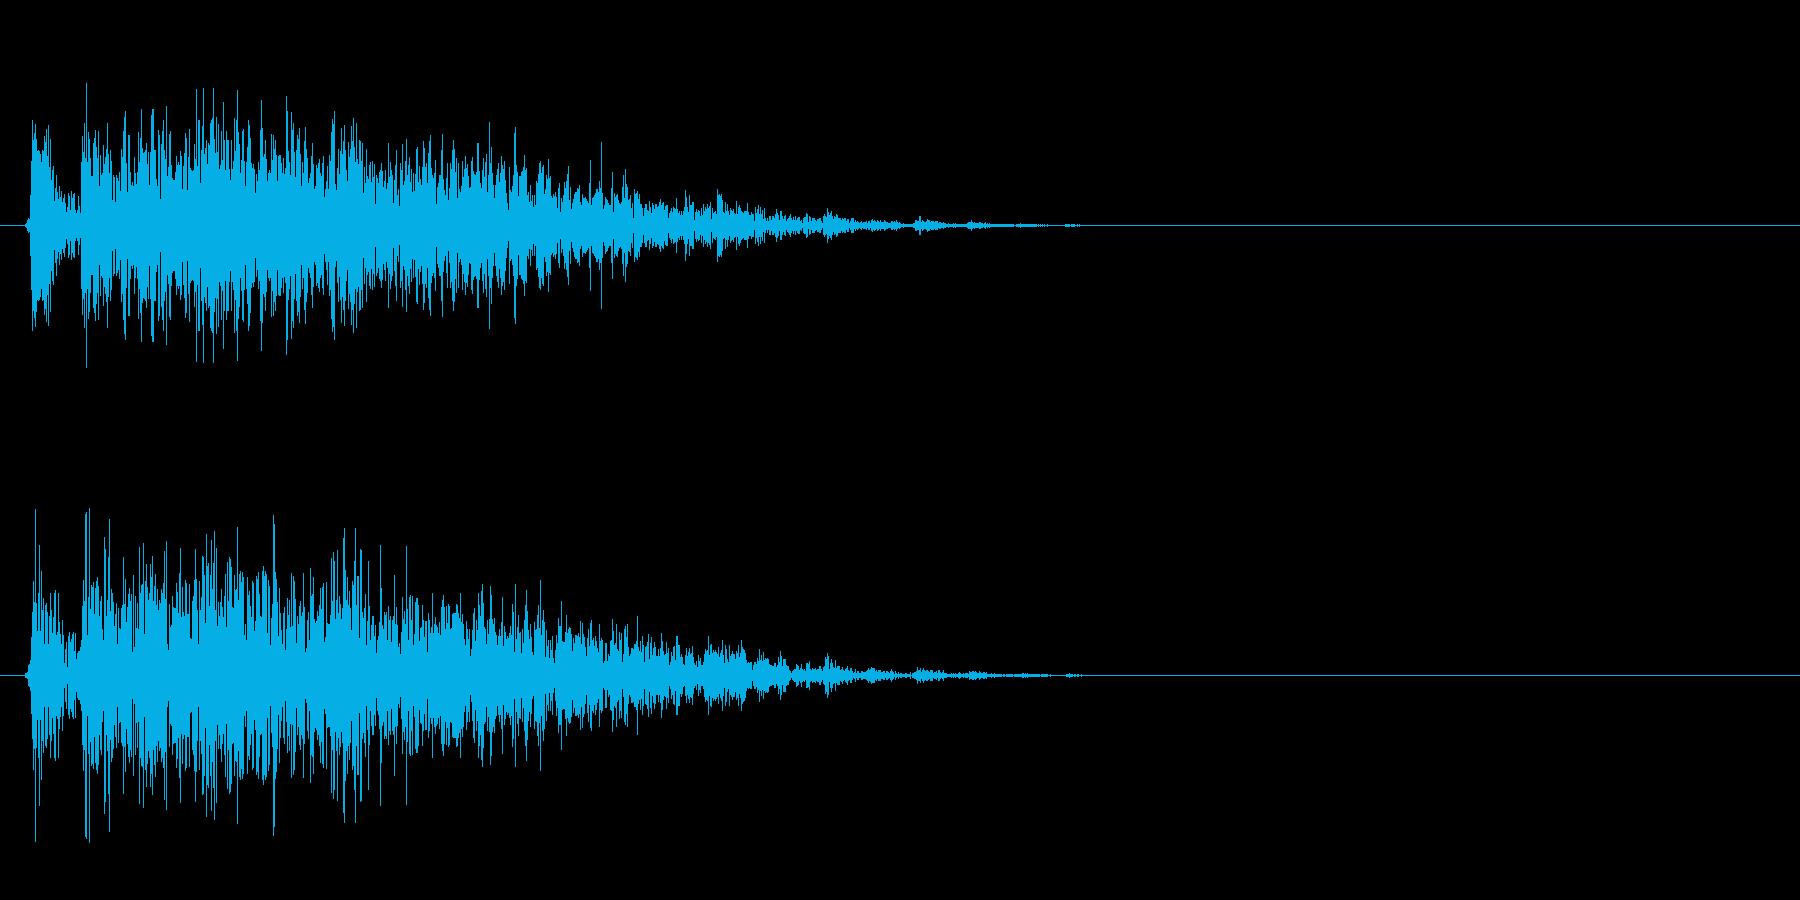 ギィィッ(床がきしむ音、ホラーゲーム)の再生済みの波形